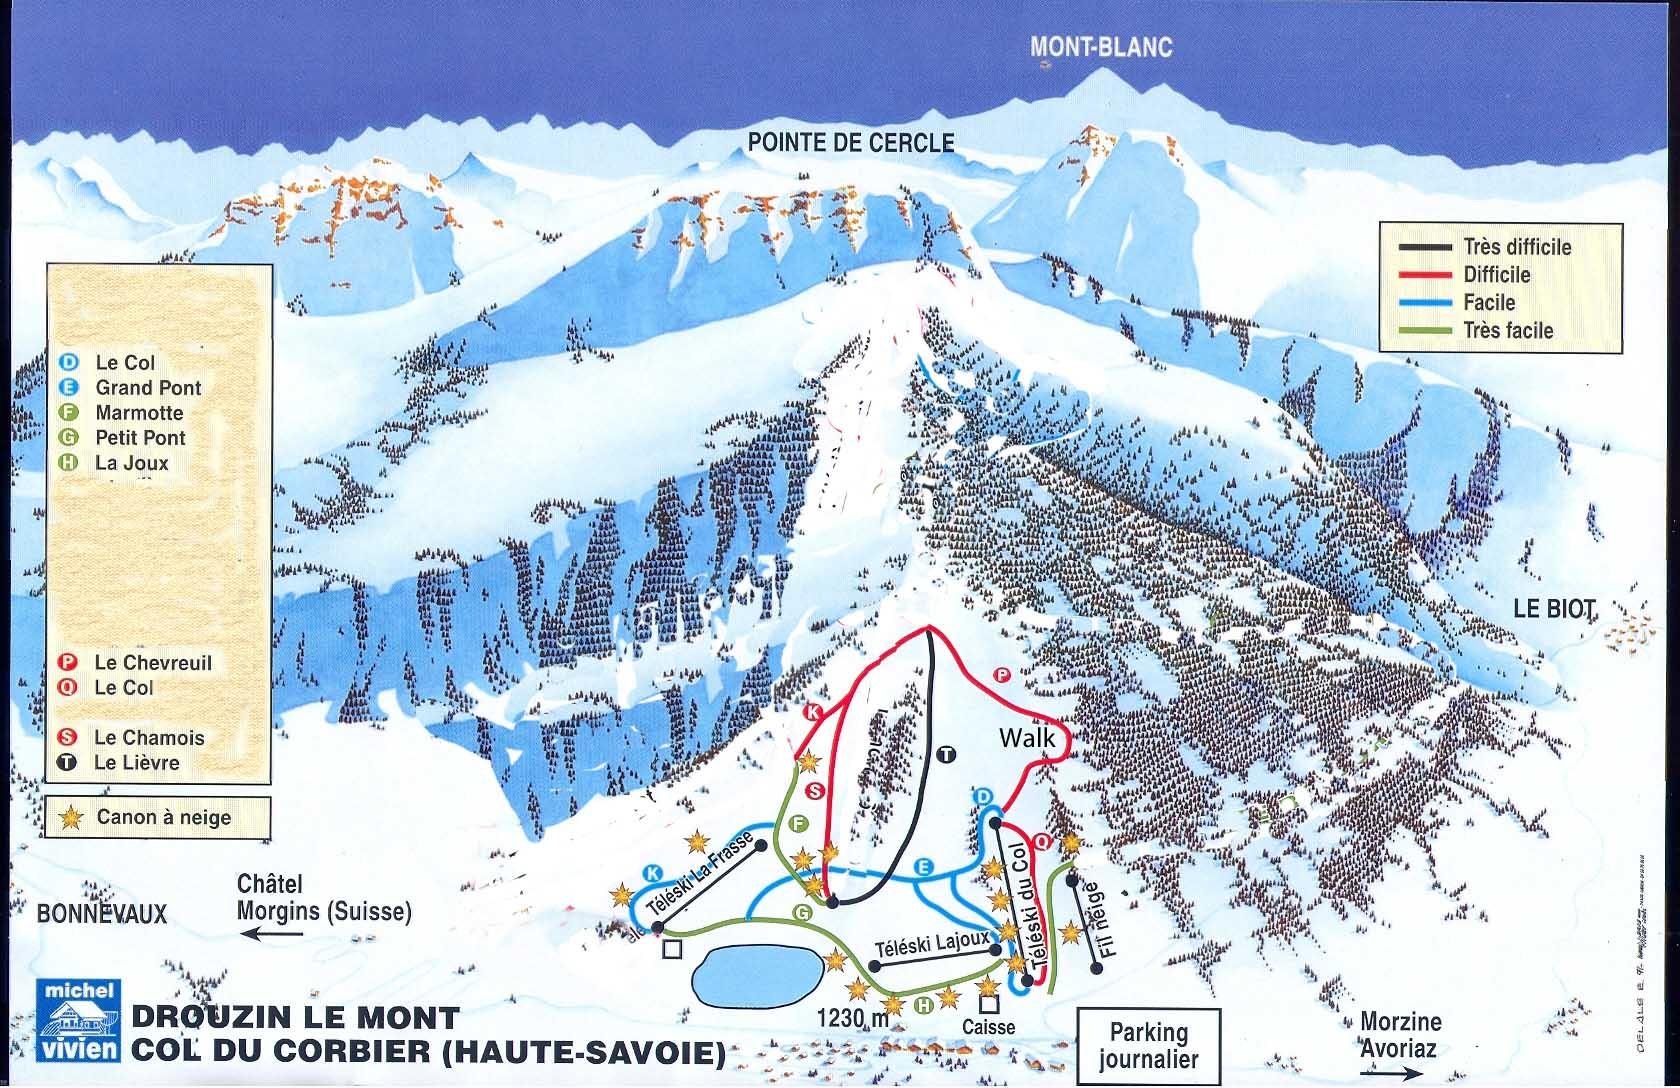 Lastest Piste map for Drouzin le Mont Ski Resort near Portes du